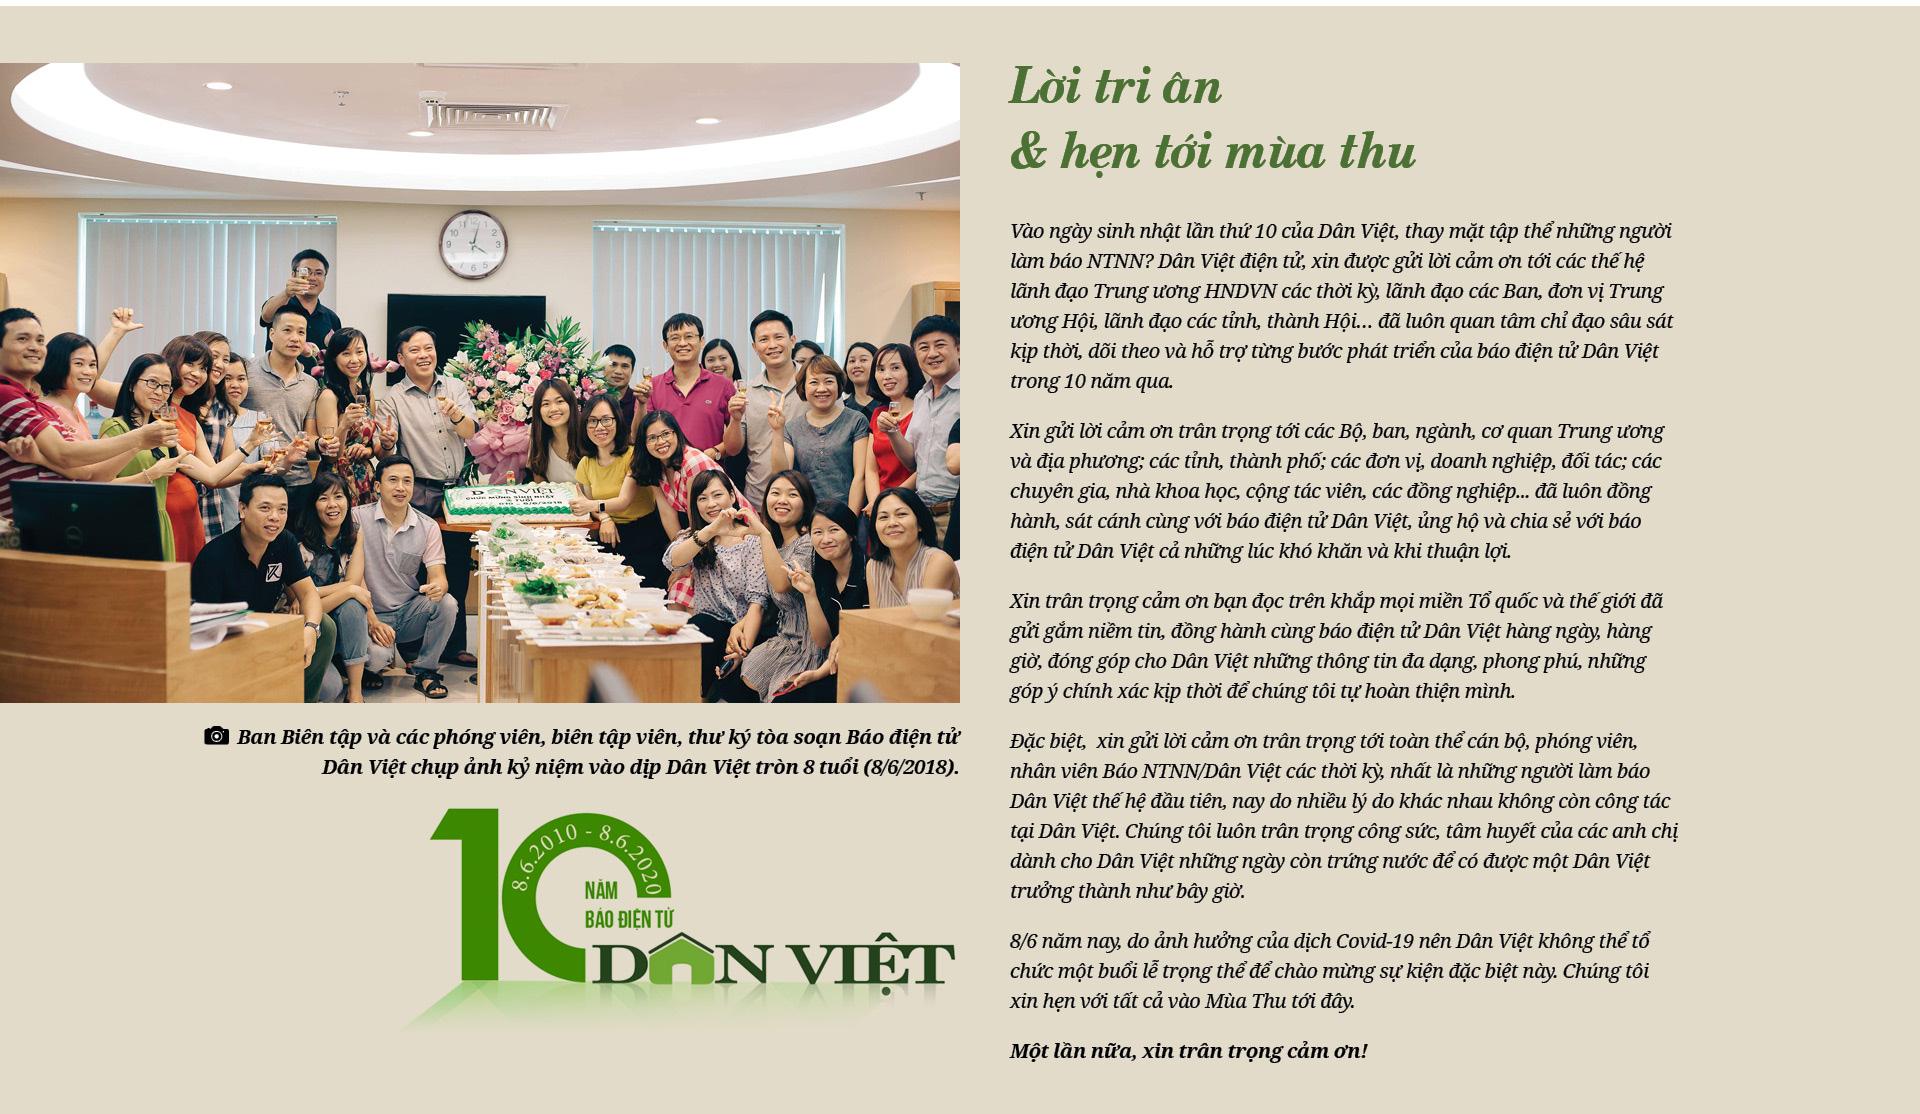 Nếu không có bản sắc, Dân Việt sẽ chỉ là con số 0 - Ảnh 24.